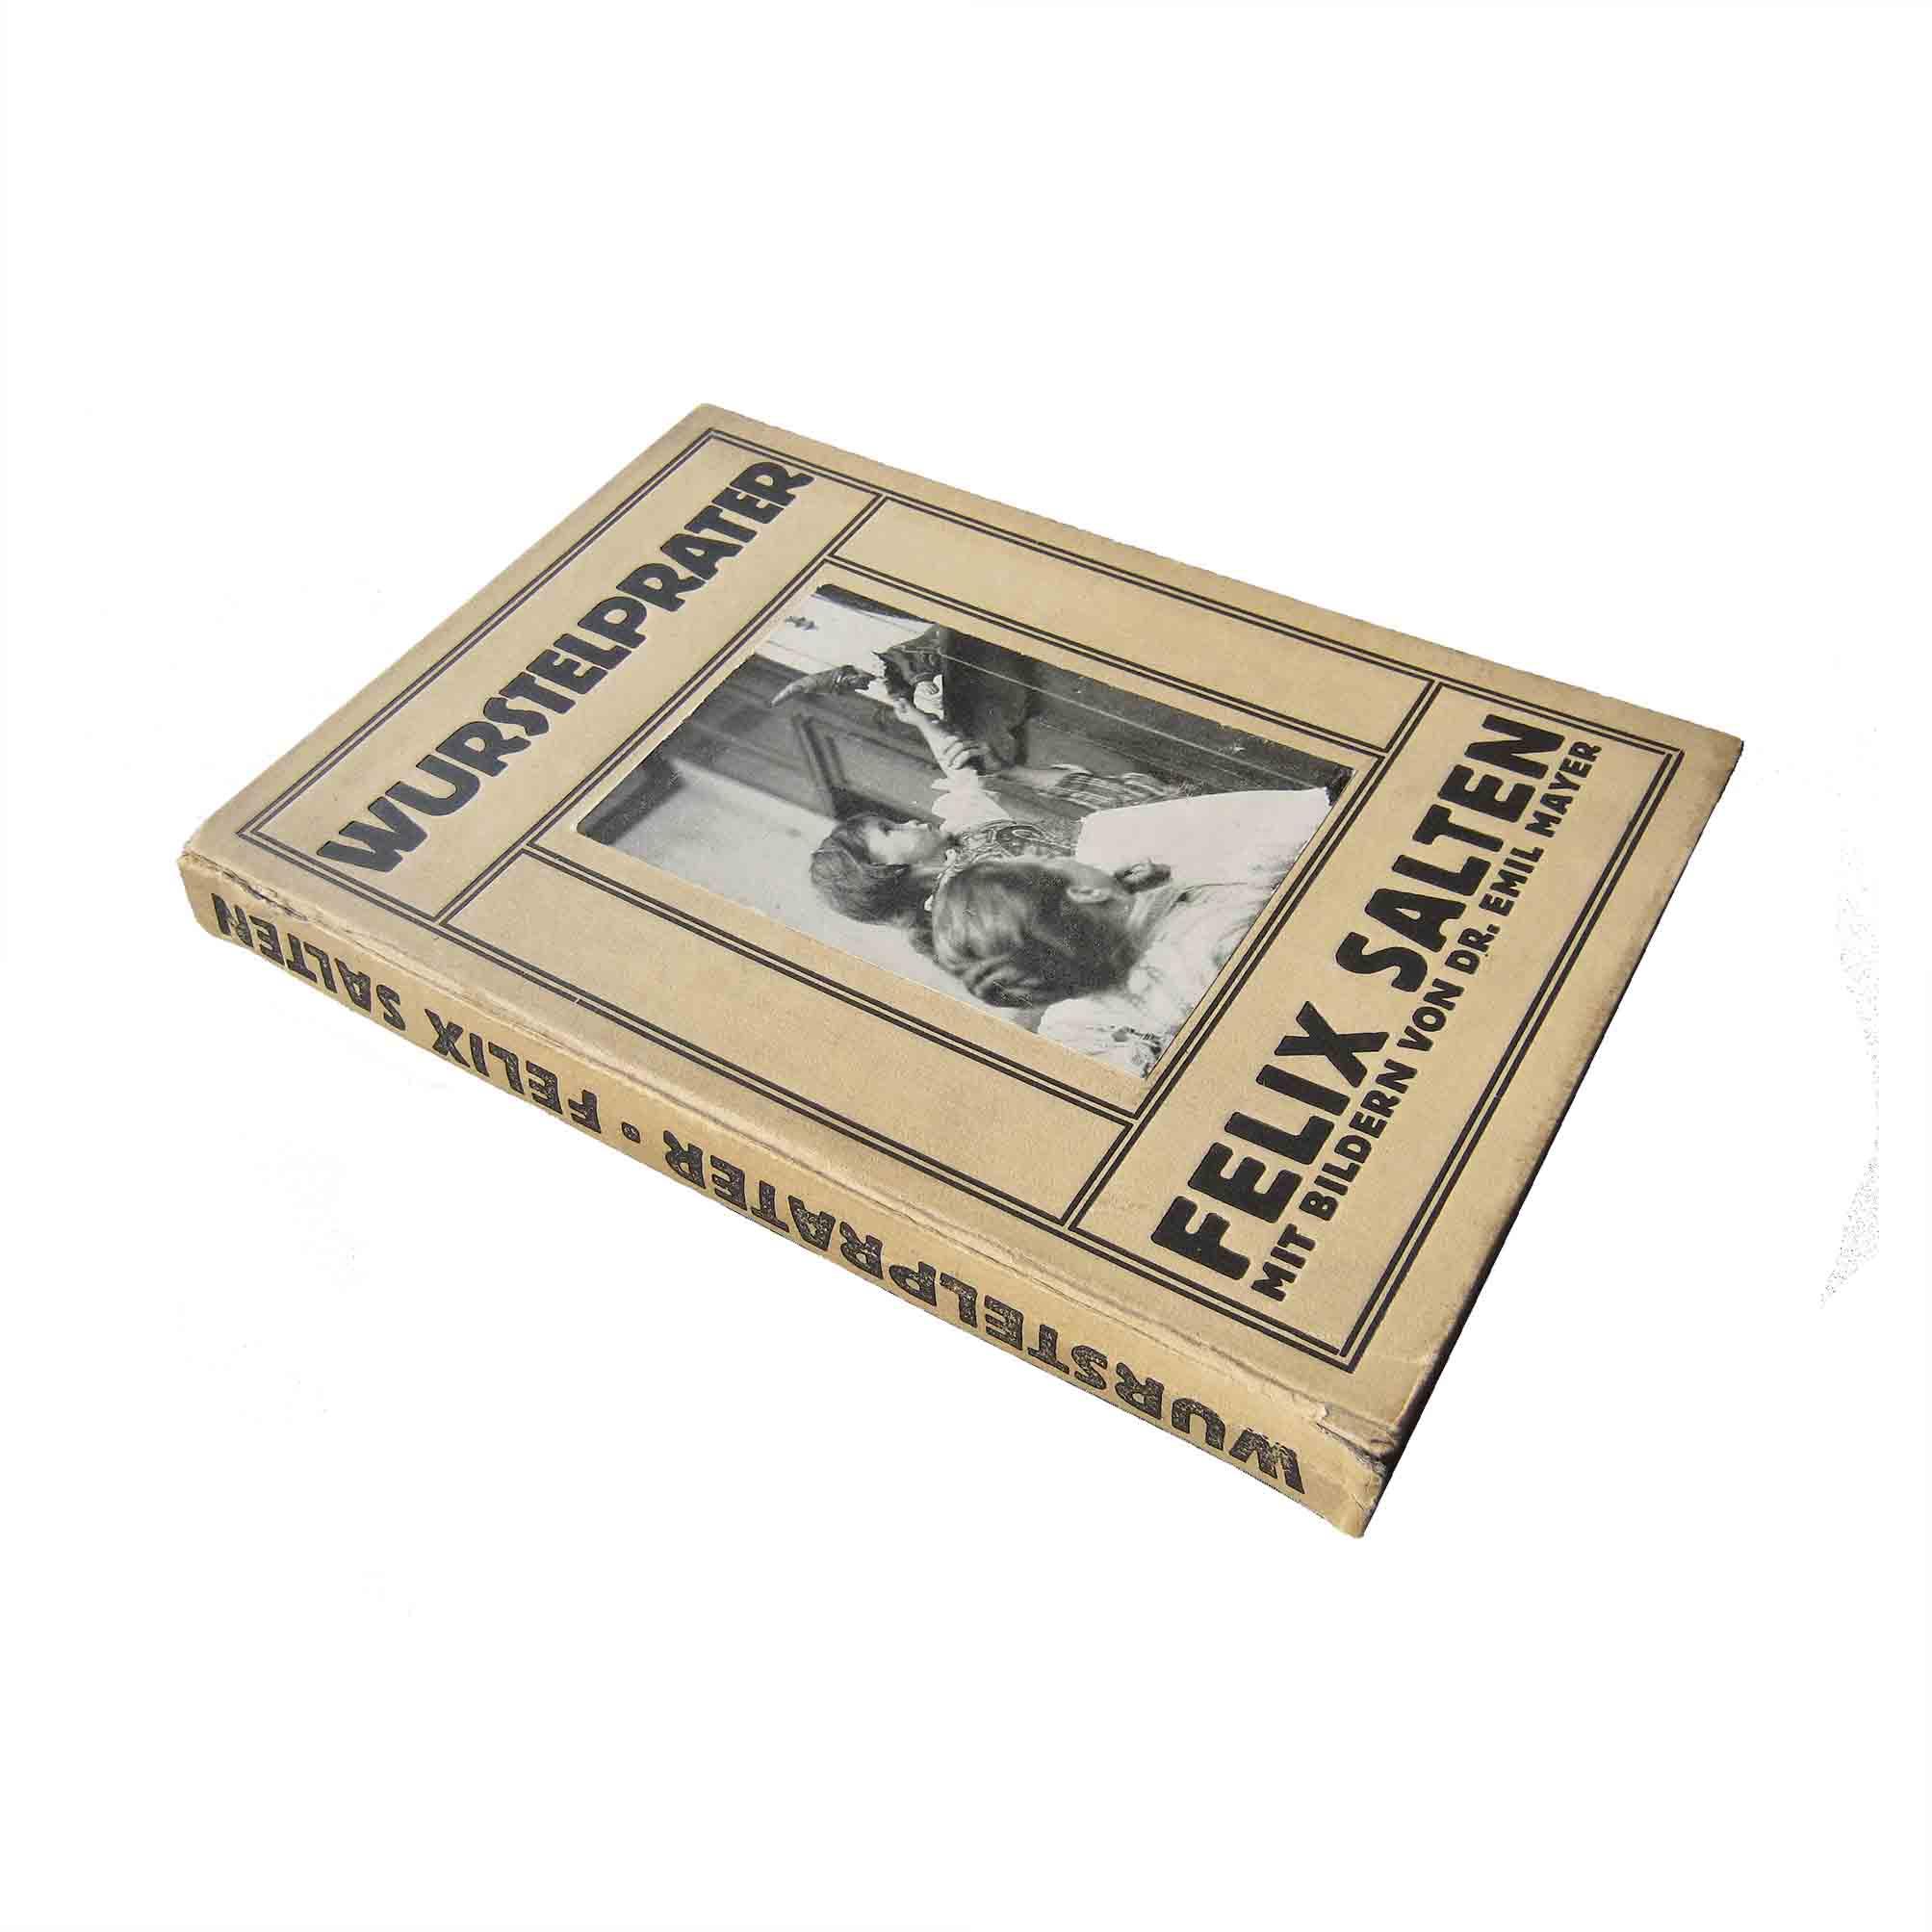 5657-Salten-Mayer-Wurstelprater-1911-Einband-Foto-recto-frei-N-1.jpg